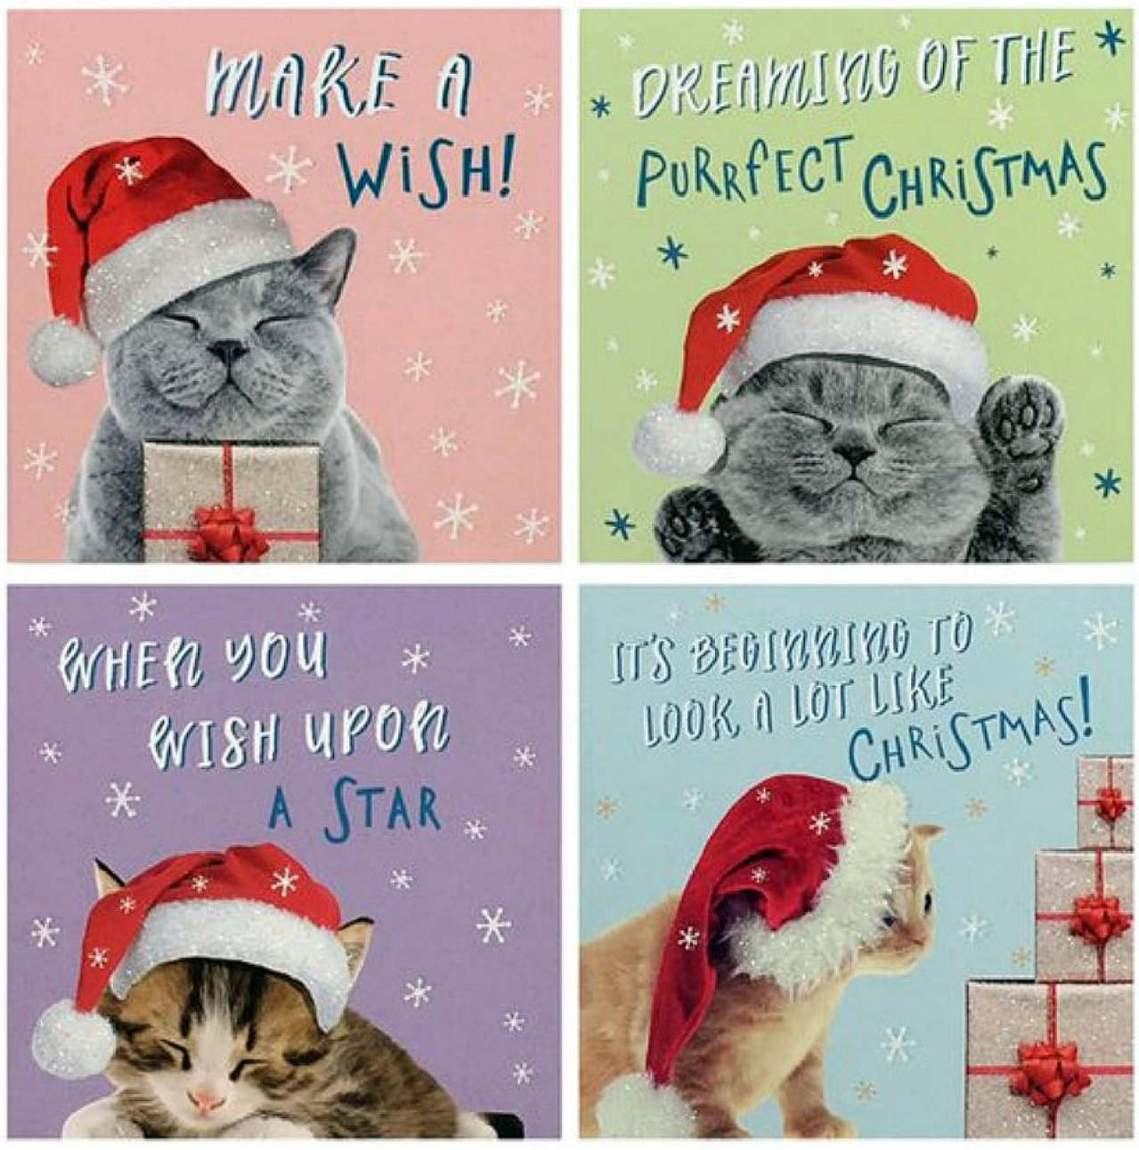 這批卡片是從家裡附近的連鎖超市Tesco買來的慈善賀卡,卡片主題是一系列的「耶誕...